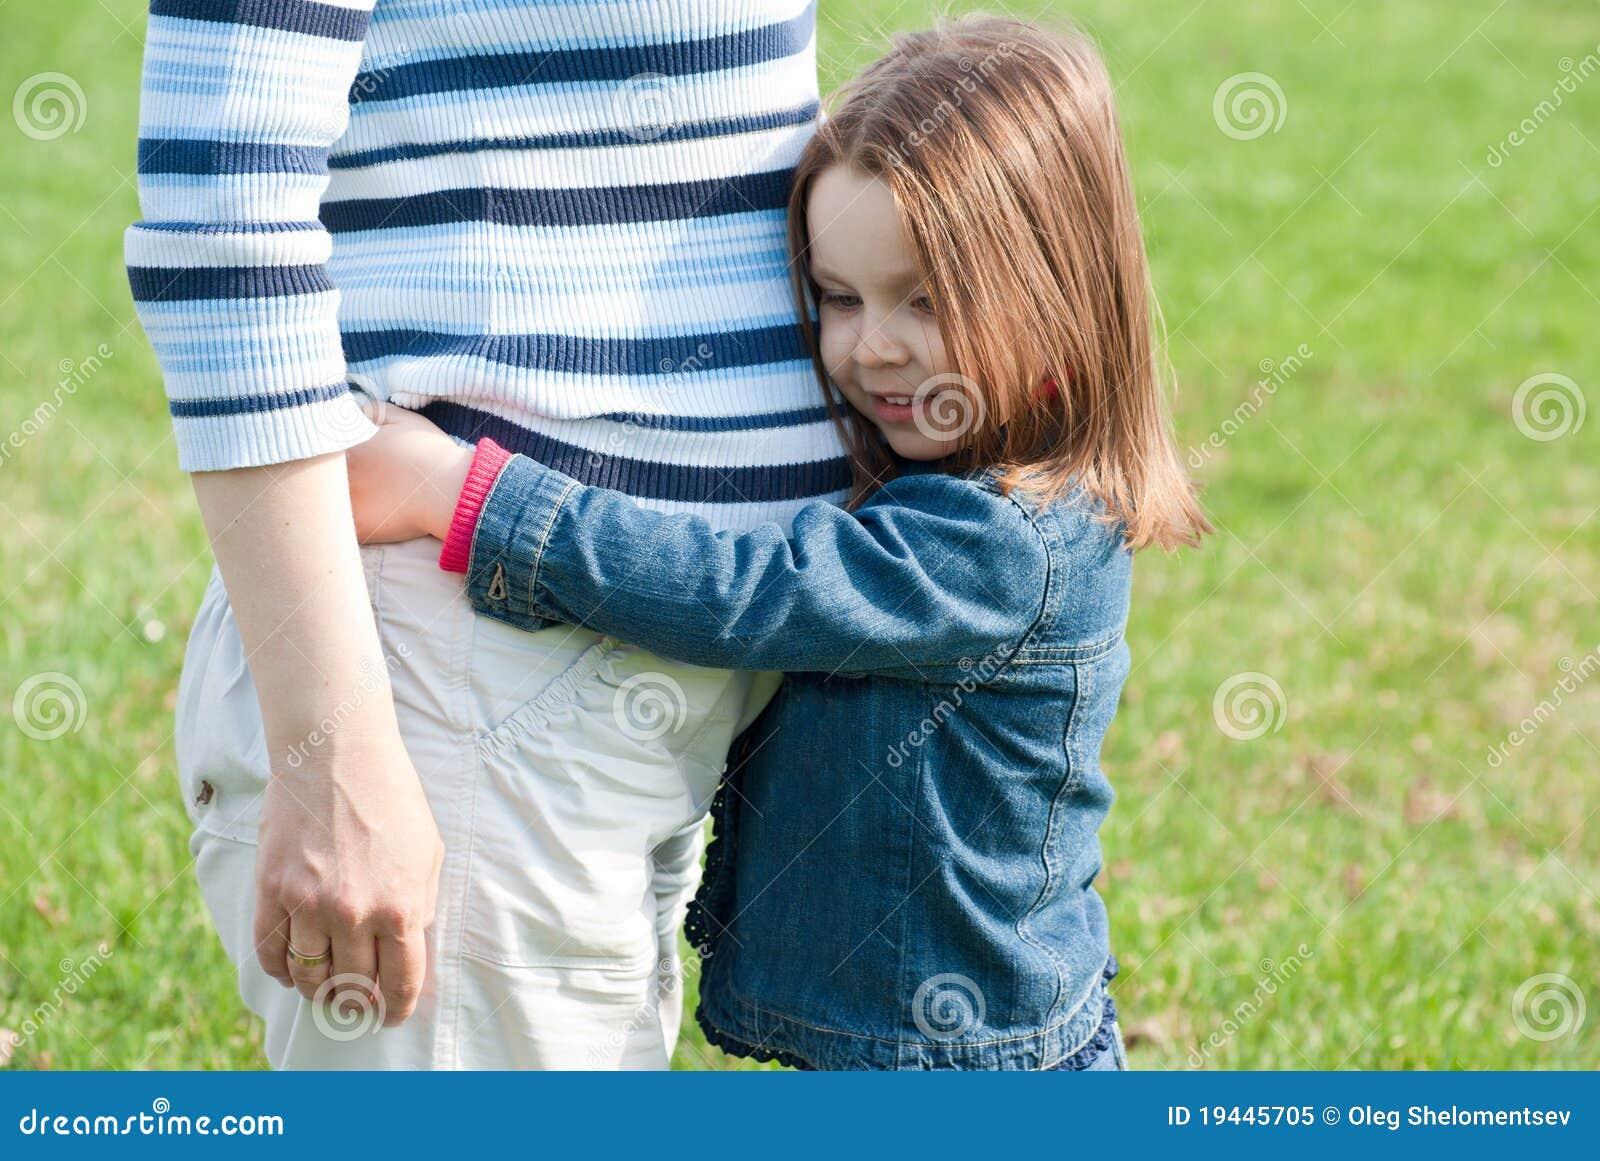 Фото голой маленькой девочки 21 фотография